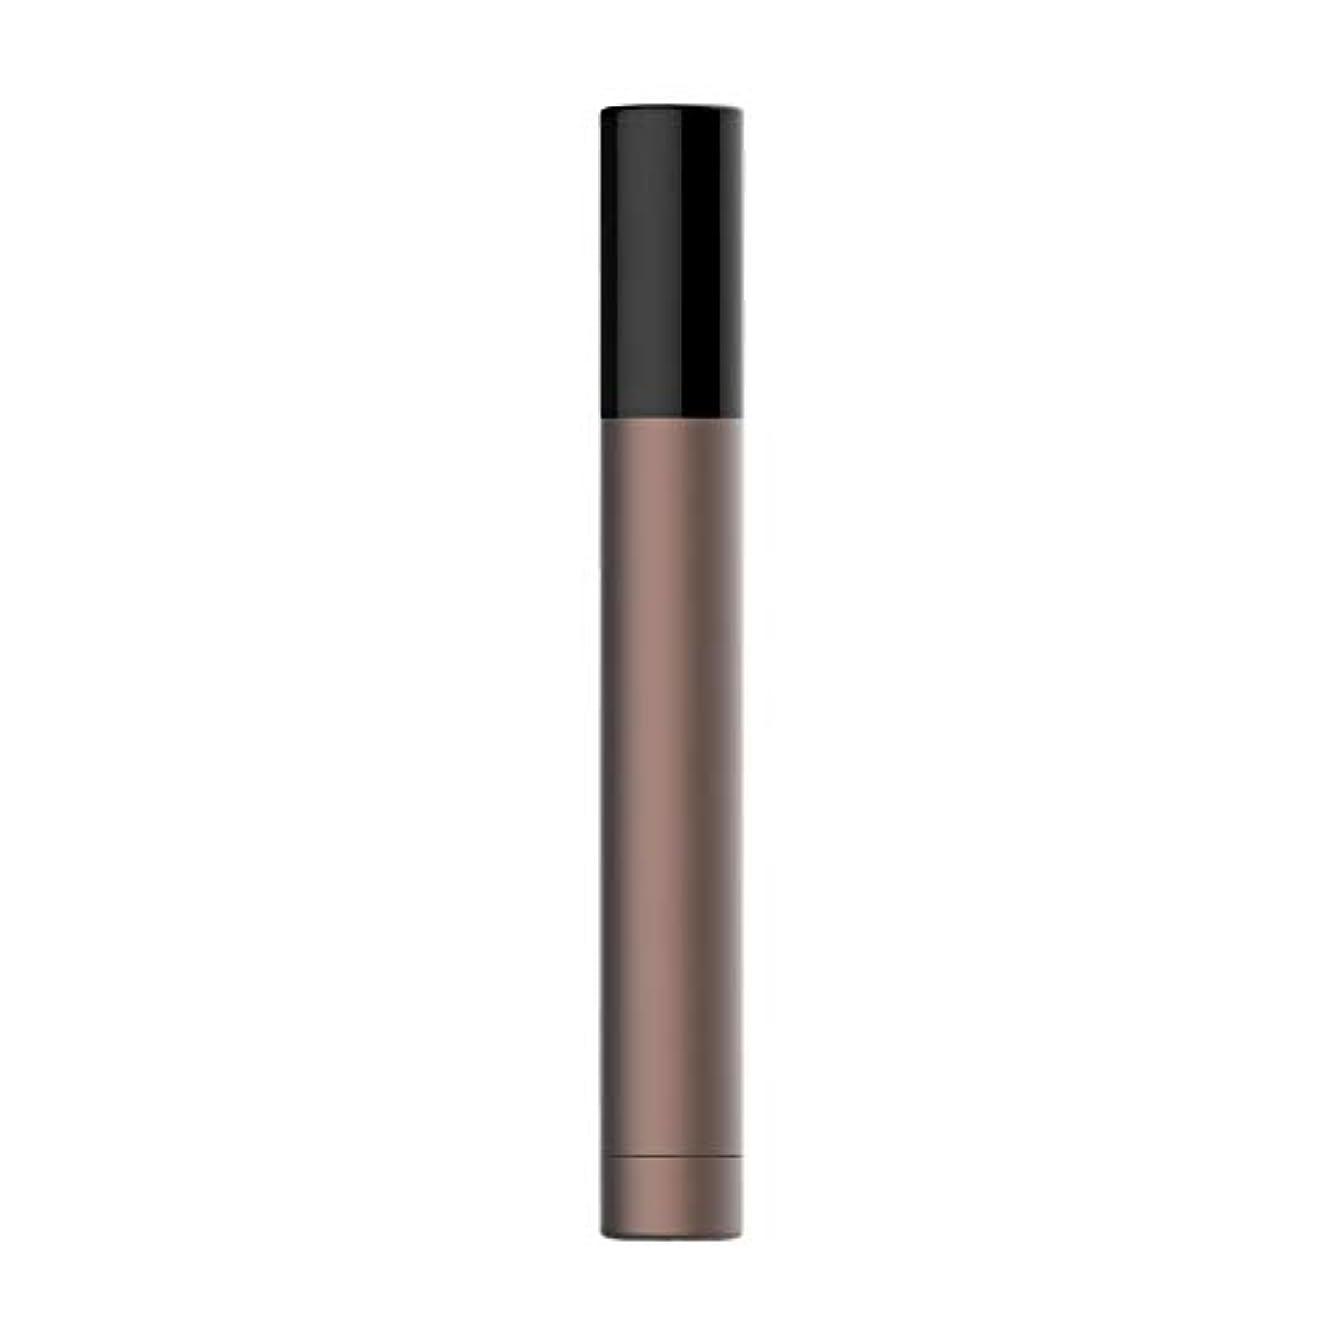 バッフルロバ光電鼻毛トリマー-密閉防水効果/シングルカッターヘッドシャープで耐久性のある/男性用剃毛鼻毛はさみ/ポータブルデザイン、旅行に便利/ 12.9 * 1.65cm 持つ価値があります